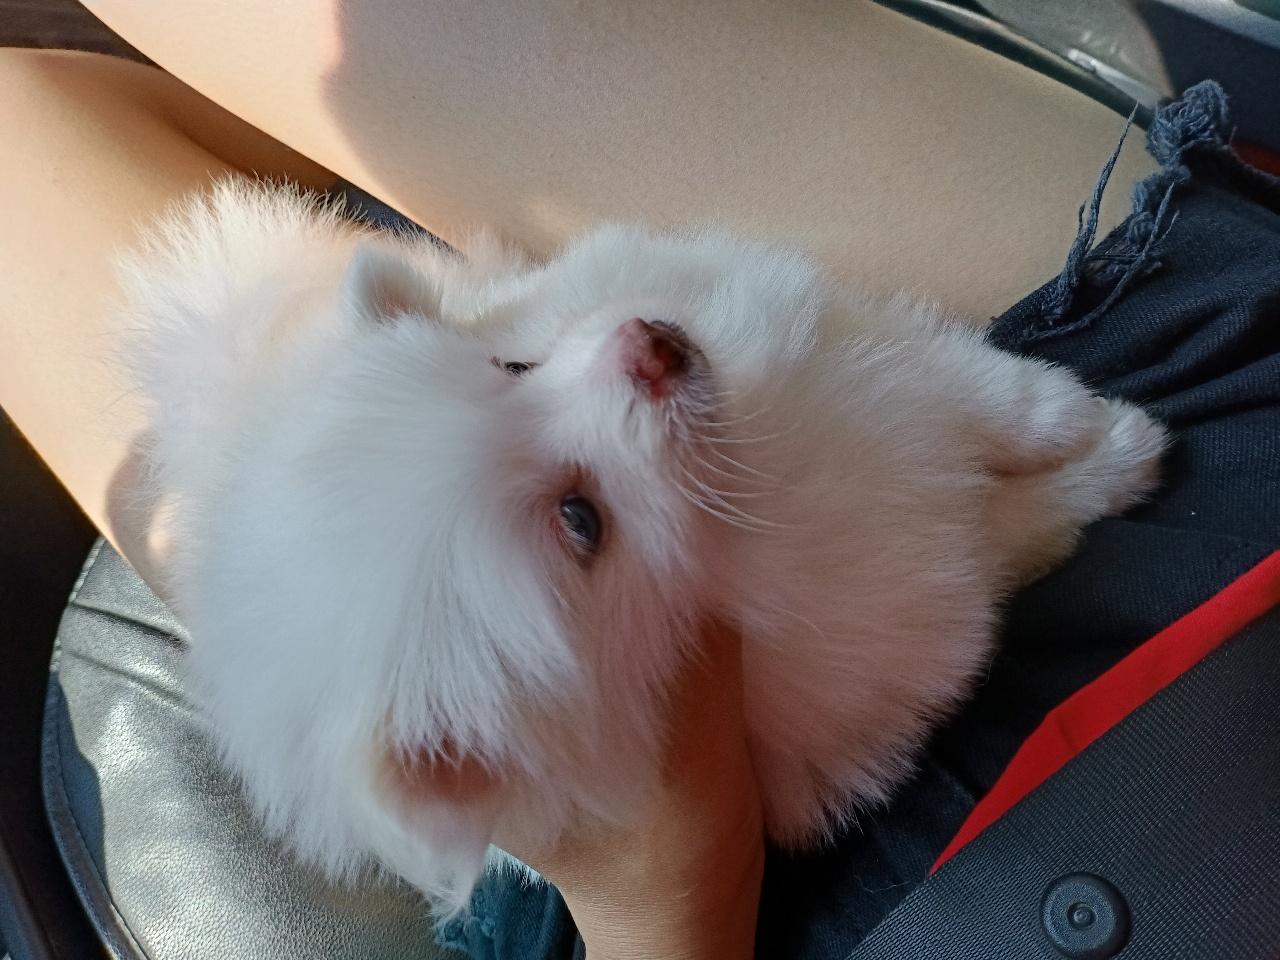 博美幼犬寻找爱心主人